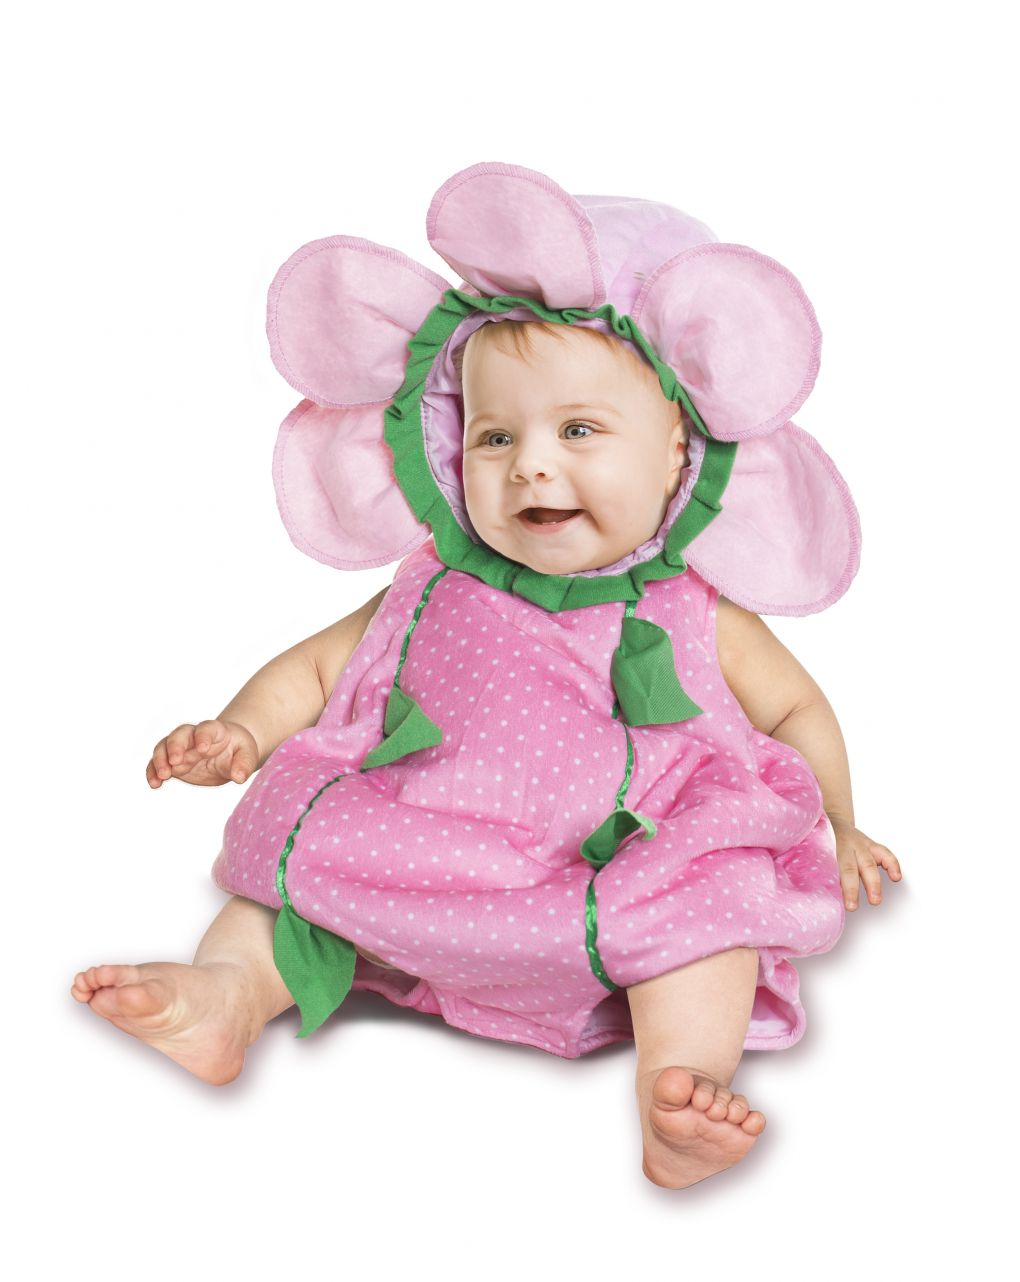 Costume fiorellino rosa baby 12 mesi - Carnaval Queen